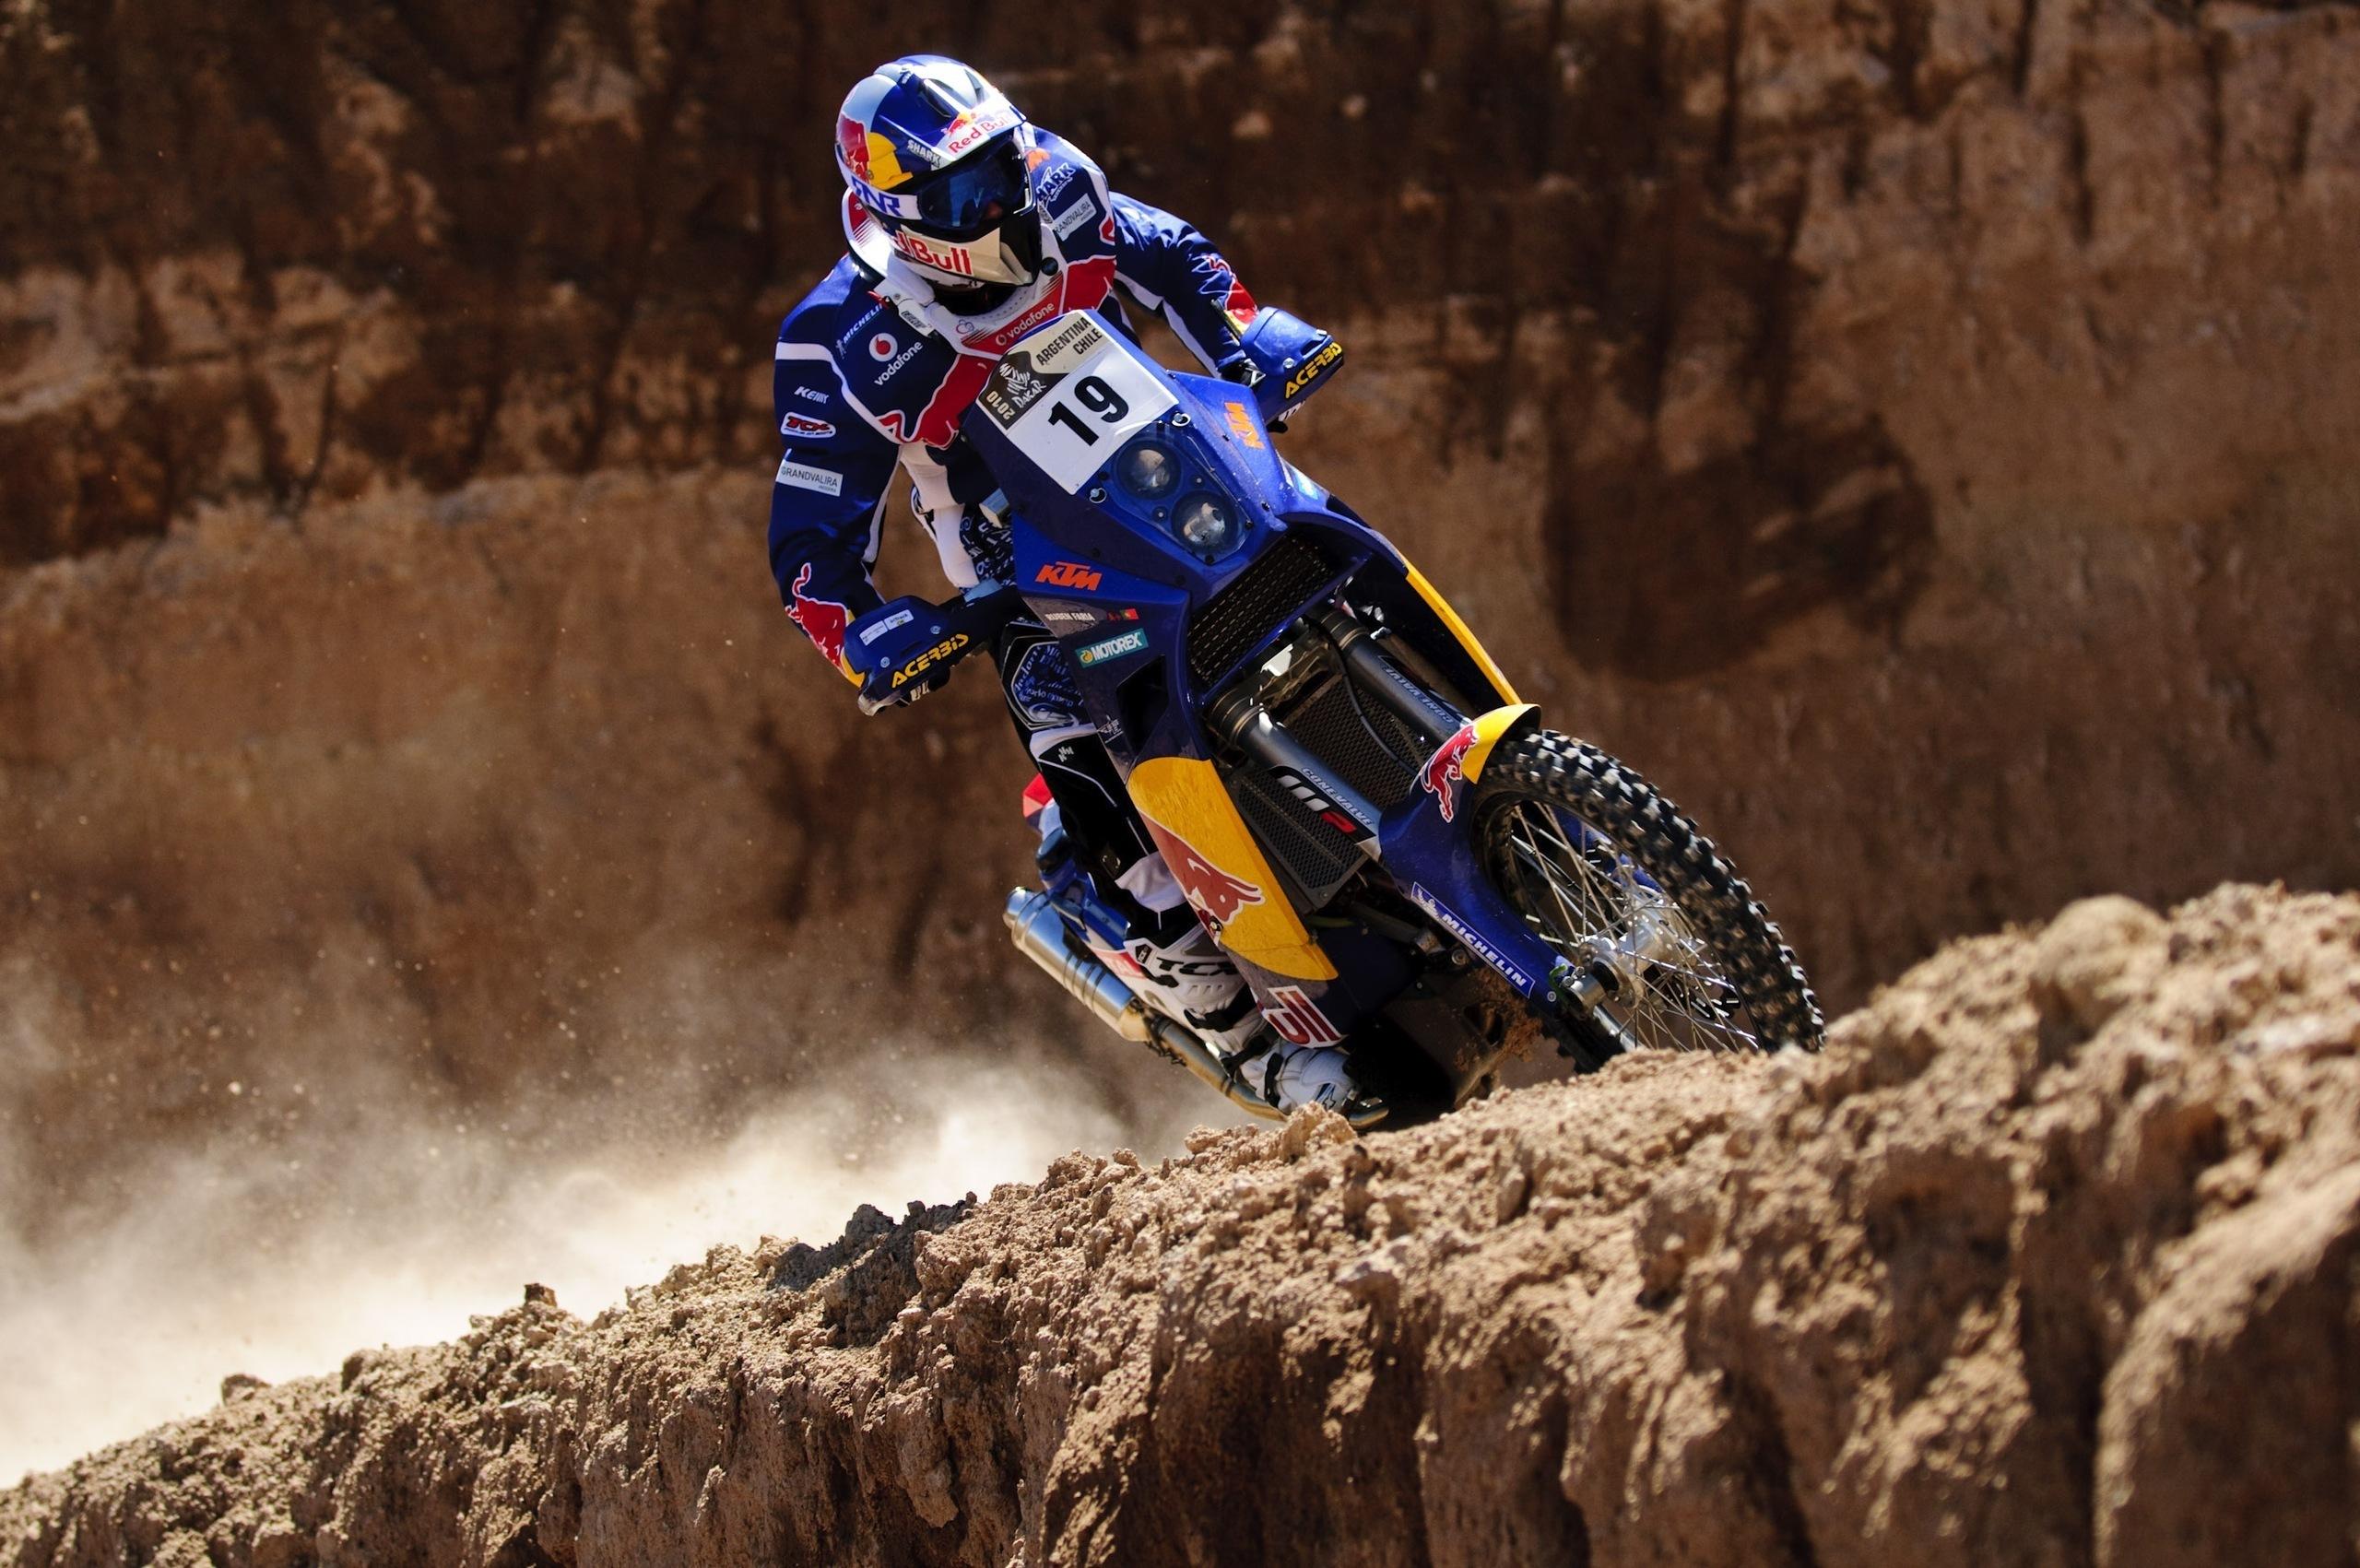 Moto Cross Fond D Ecran Hd Arriere Plan 2560x1701 Id 174620 Wallpaper Abyss